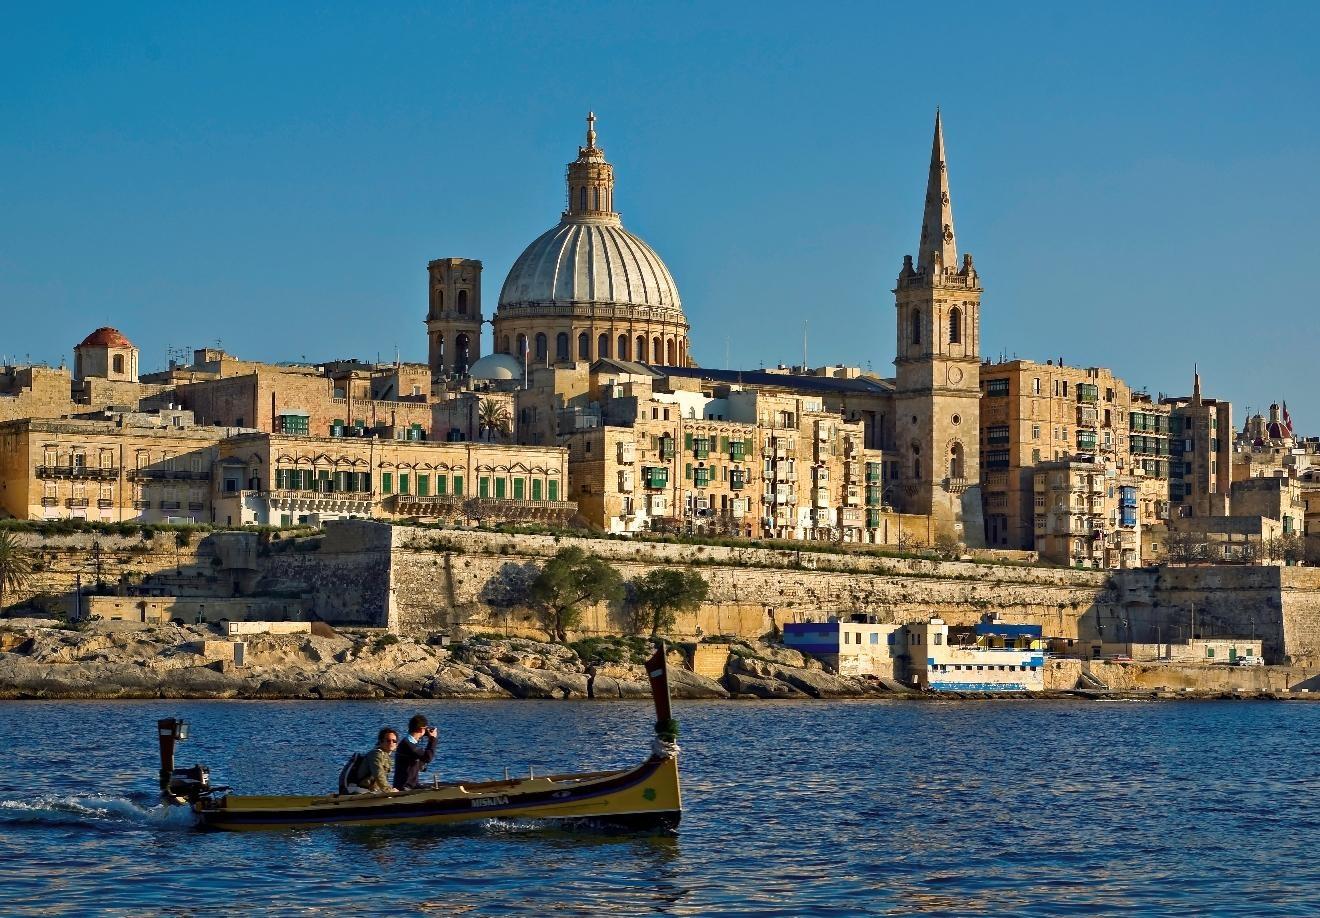 Tại sao Malta là lựa chọn tốt hơn cho kinh doanh?